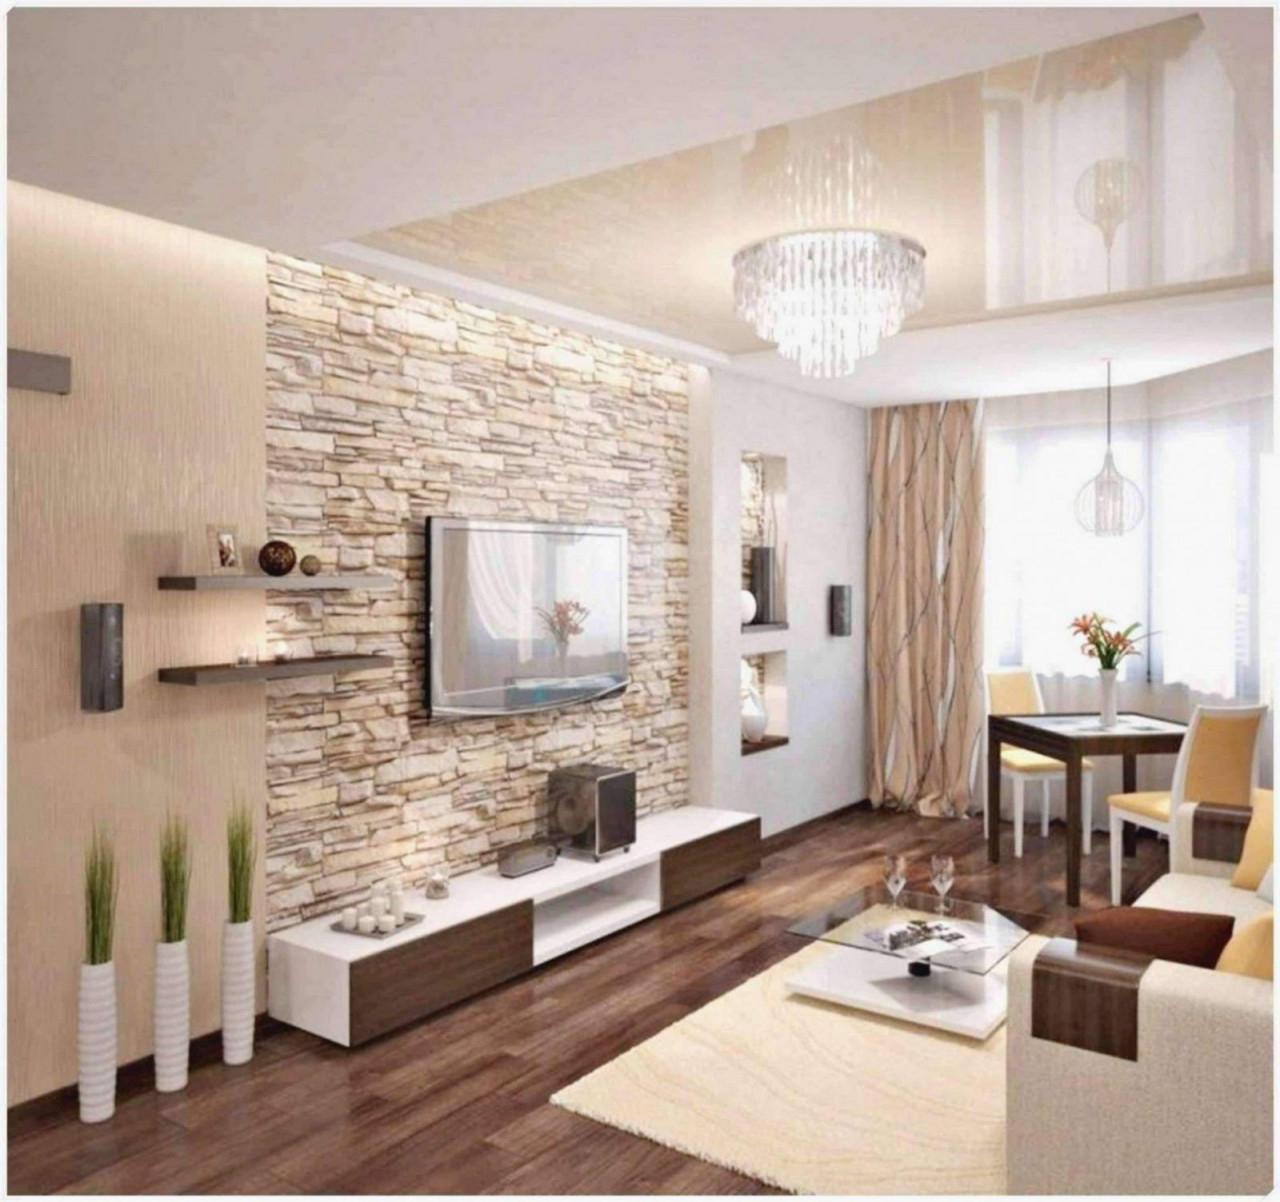 Deko Wand Wohnzimmer Frisch Luxury Dekoration Wohnzimmer Von von Deko Für Wand Wohnzimmer Bild